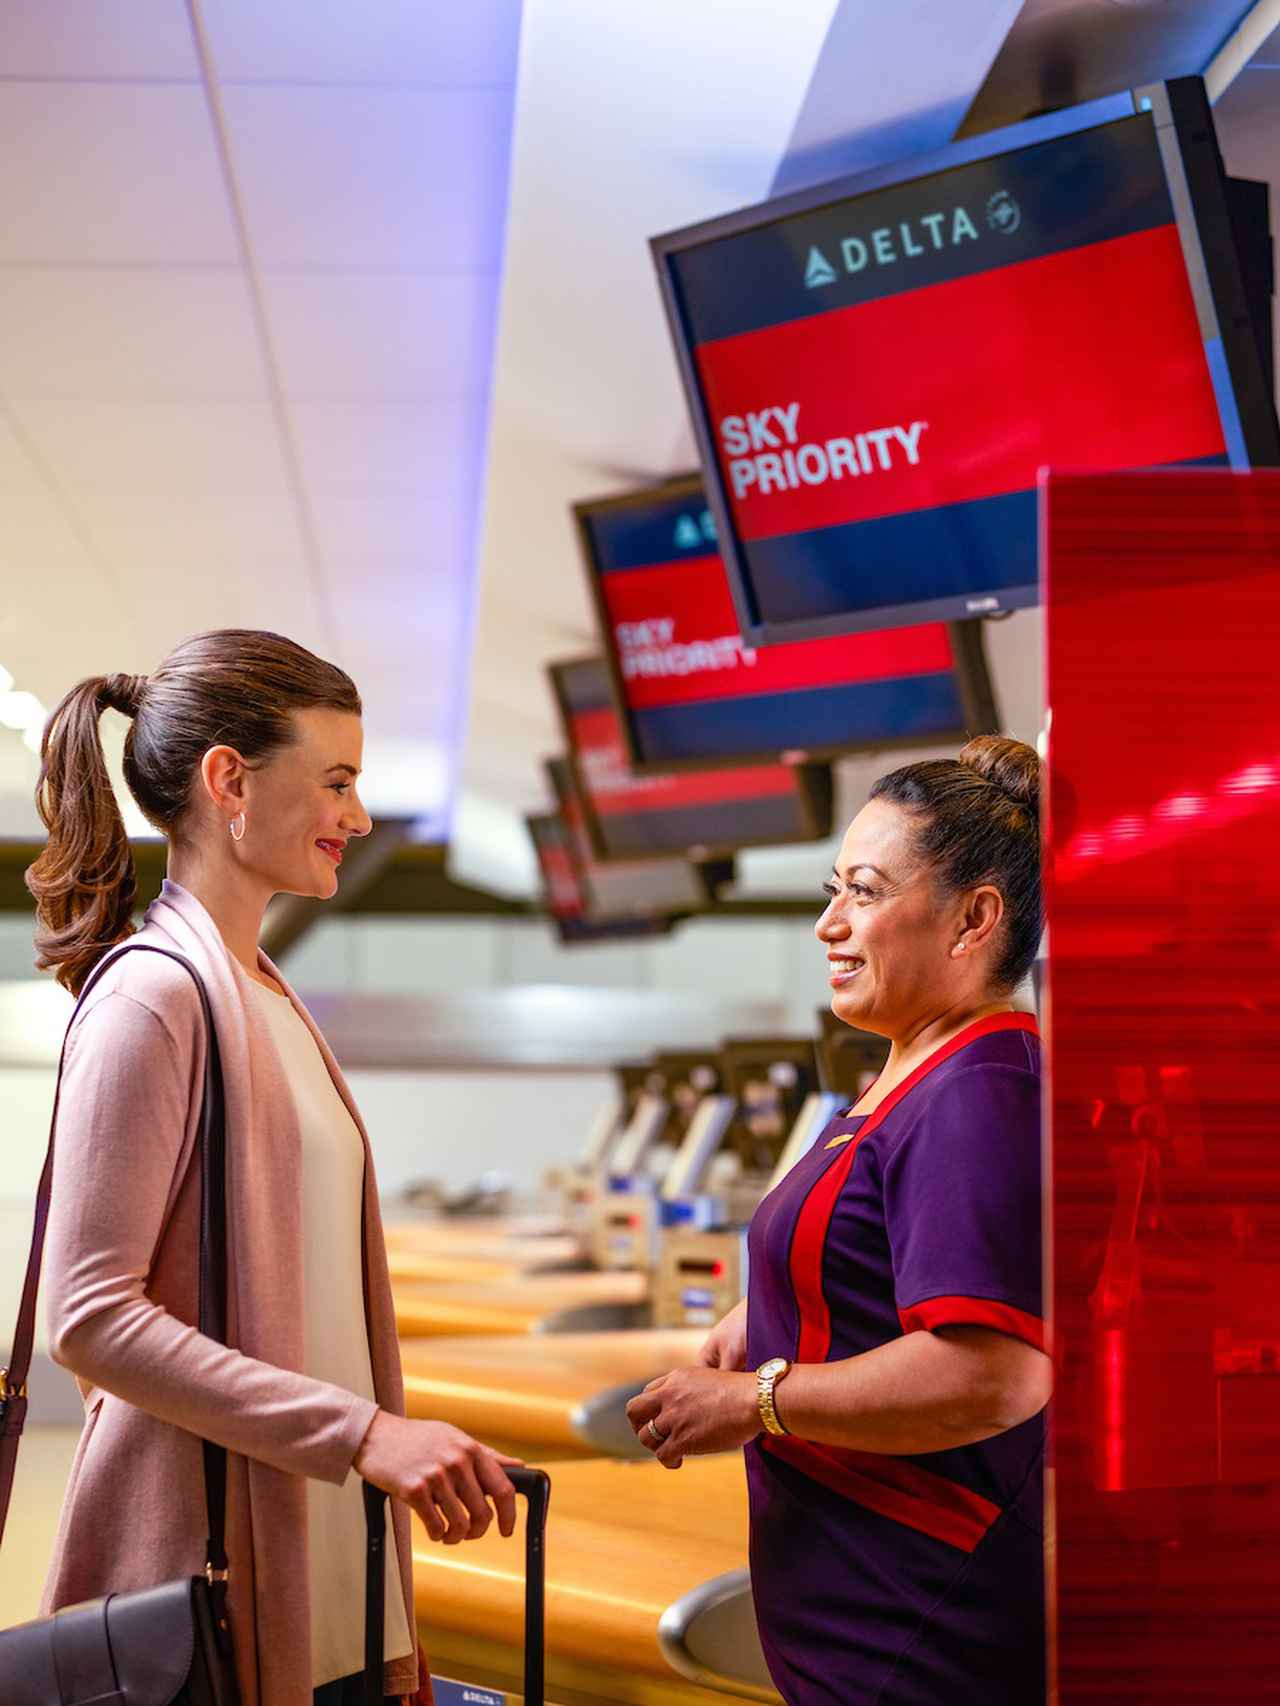 画像: デルタ・プレミアムセレクト チェックイン/デルタ航空提供(イメージ)